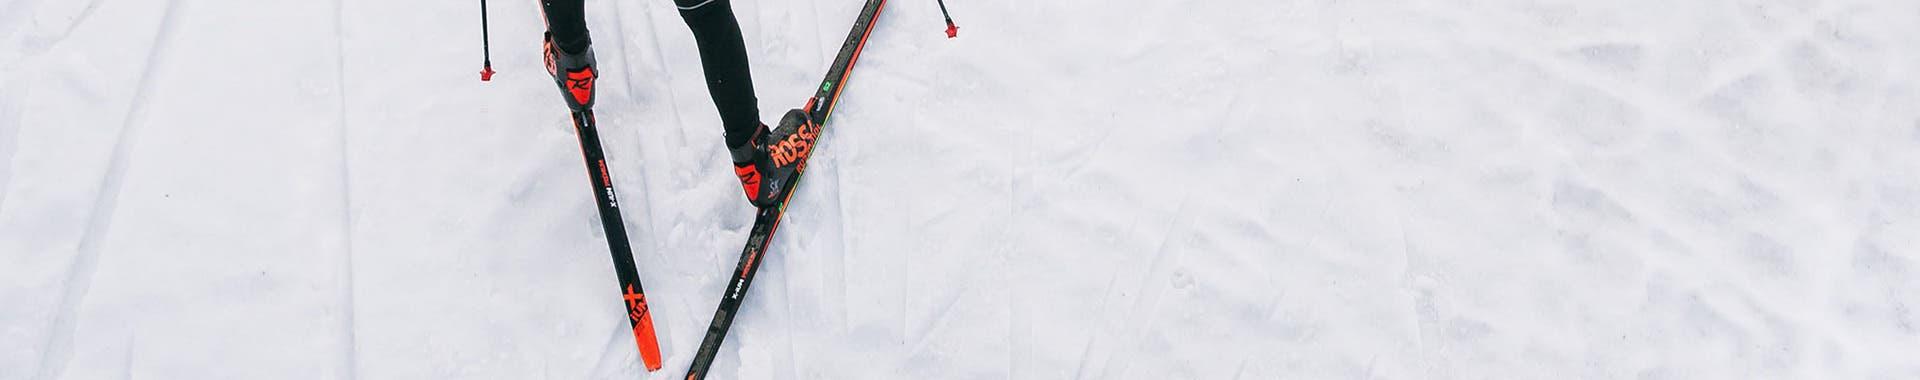 Skis de fond skating